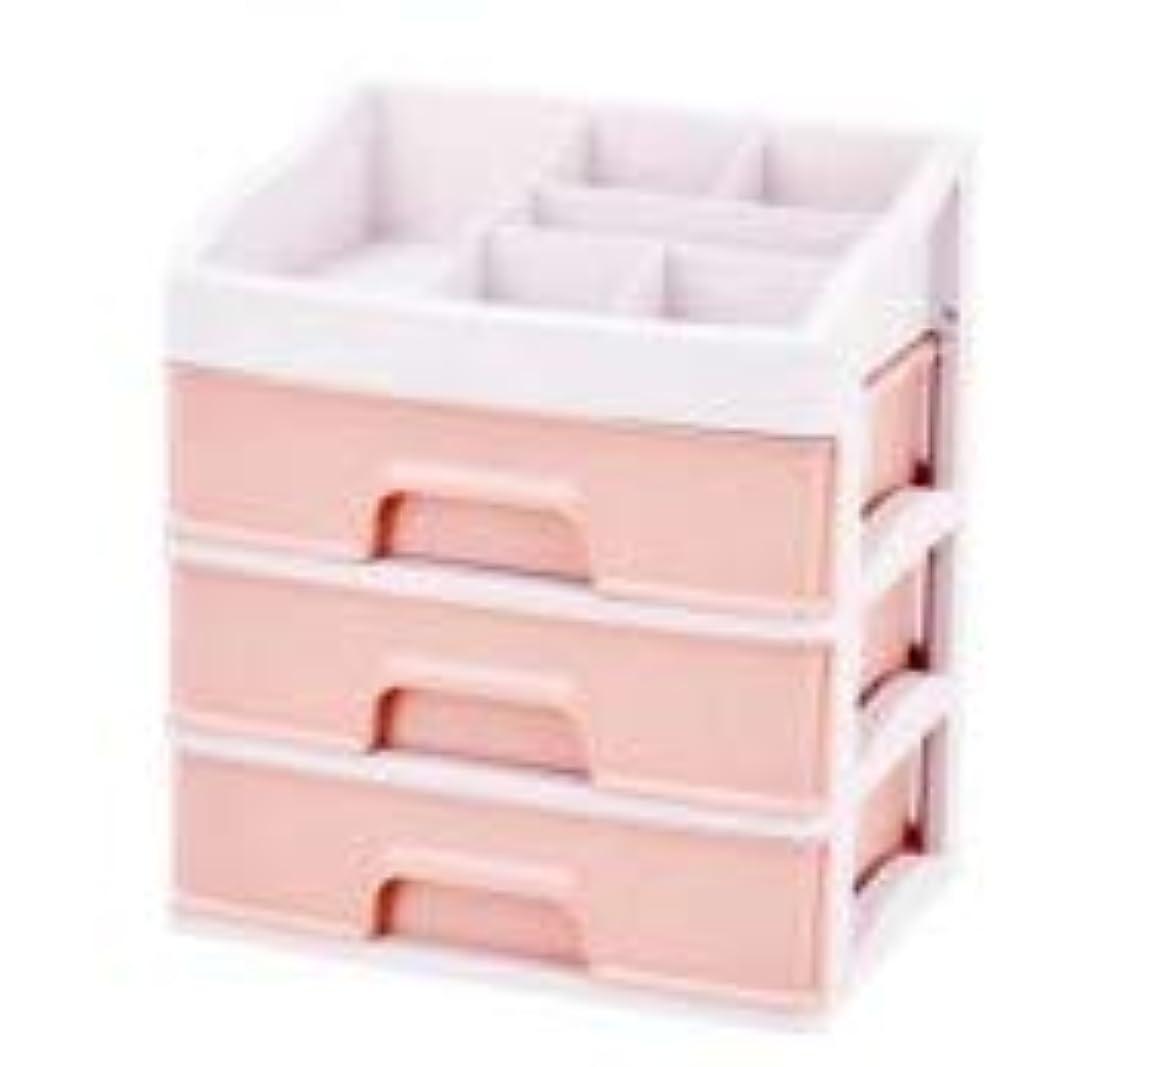 膿瘍賞賛チャップ化粧品収納ボックス引き出しデスクトップ収納ラック化粧台化粧品ケーススキンケア製品 (Size : L)